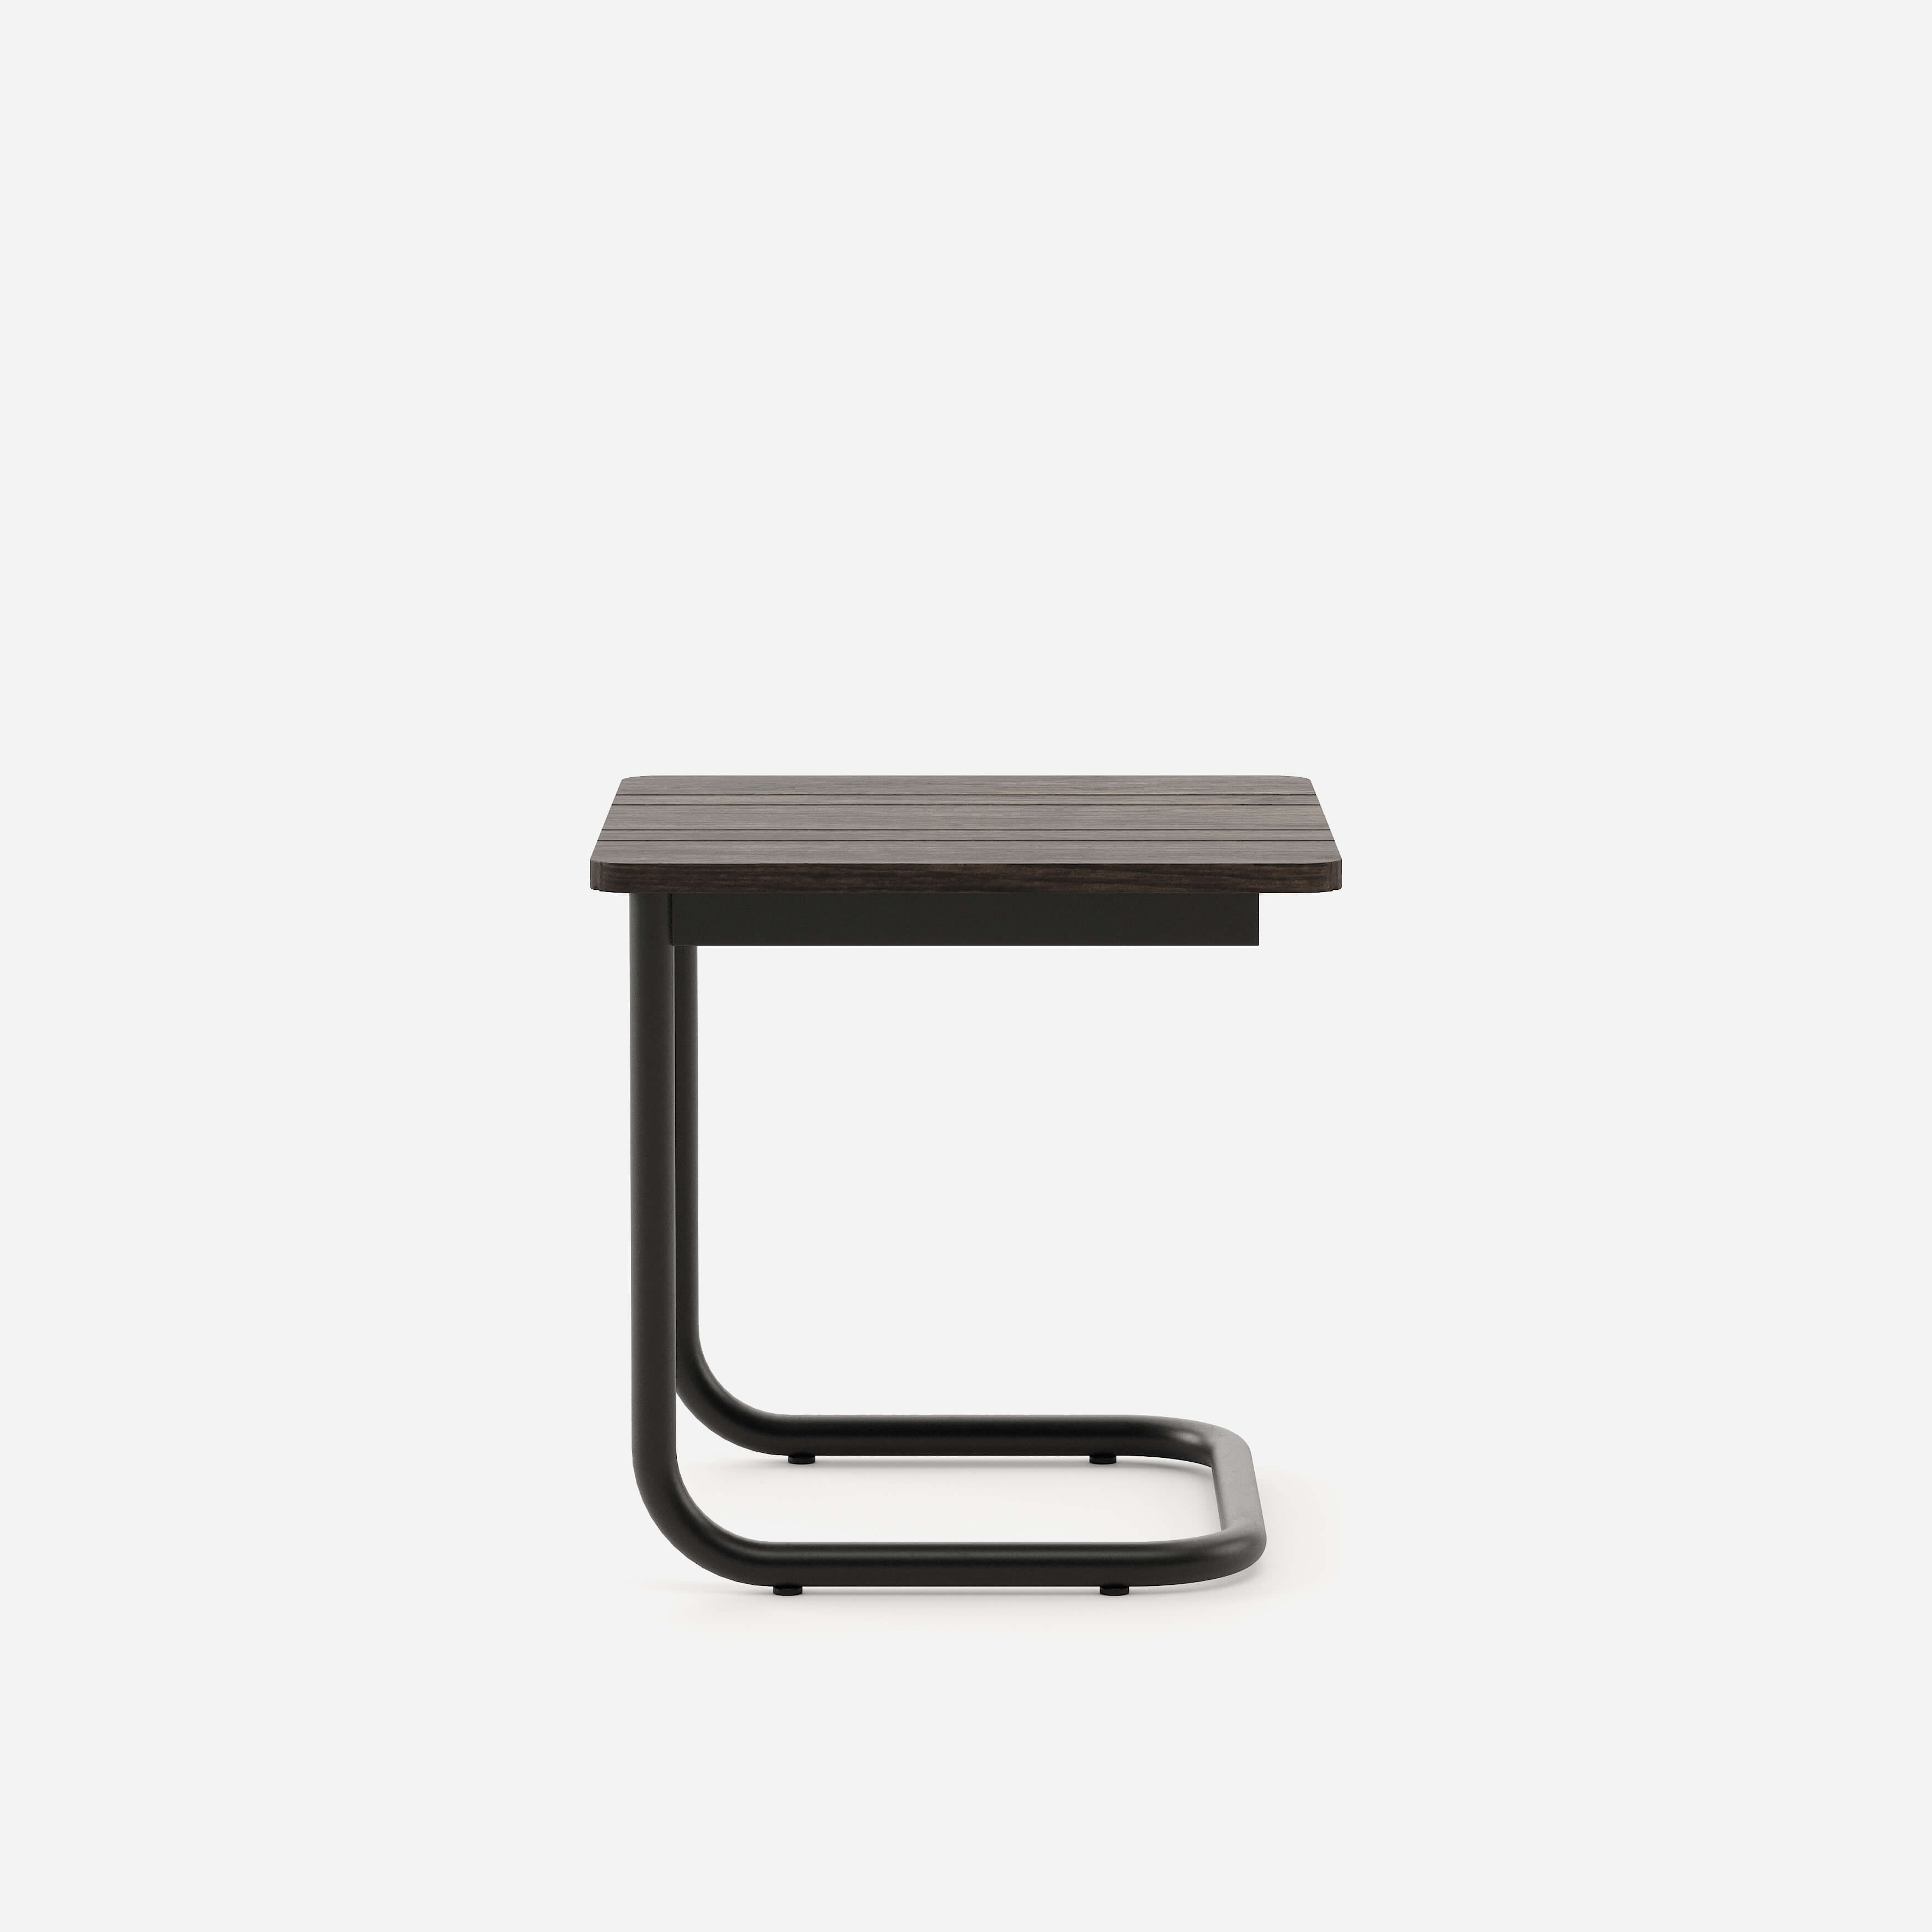 Copacabana-mesa-de-apoio-domkapa-furniture-interior-design-exter (1)